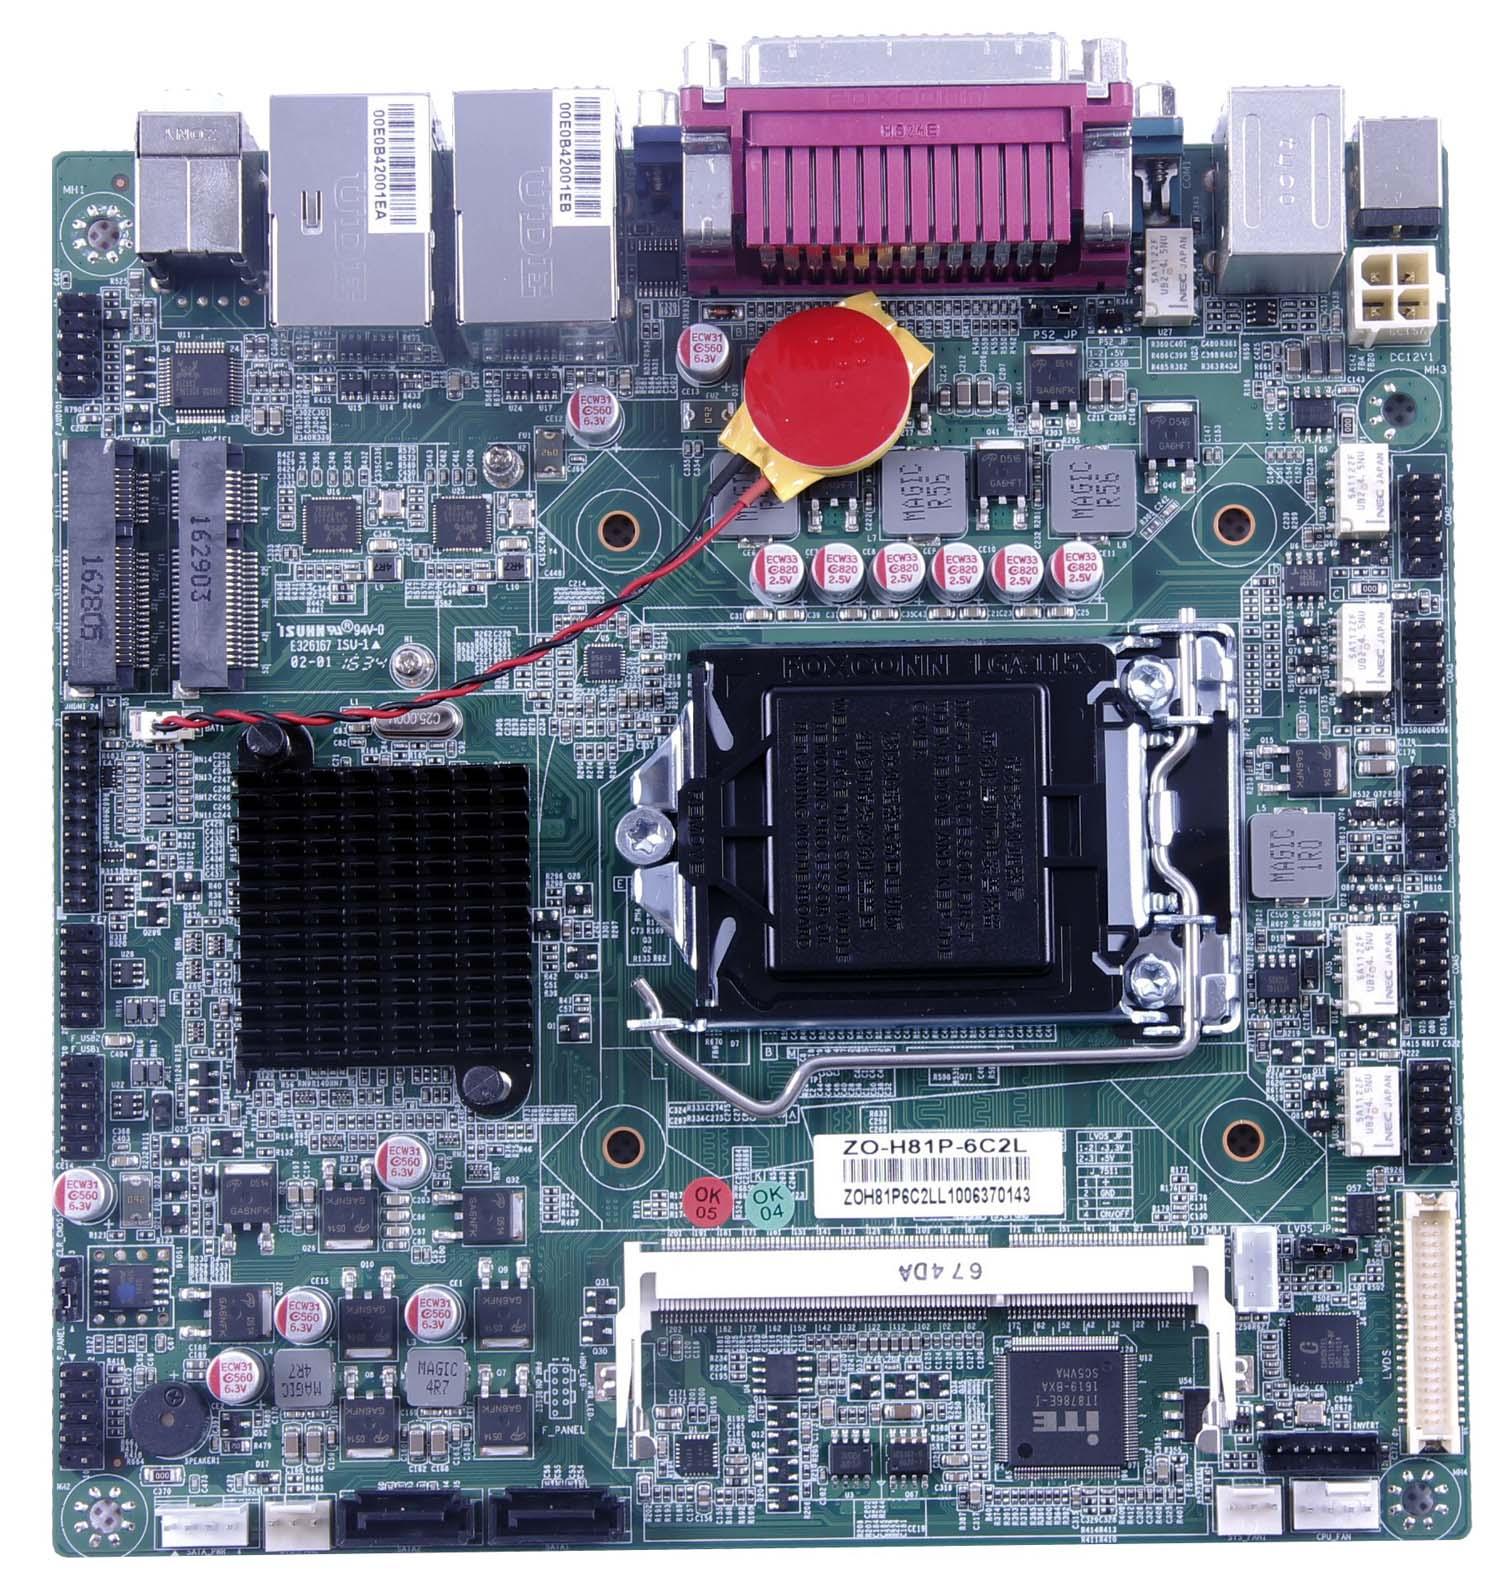 ZO-H81P-6C2L